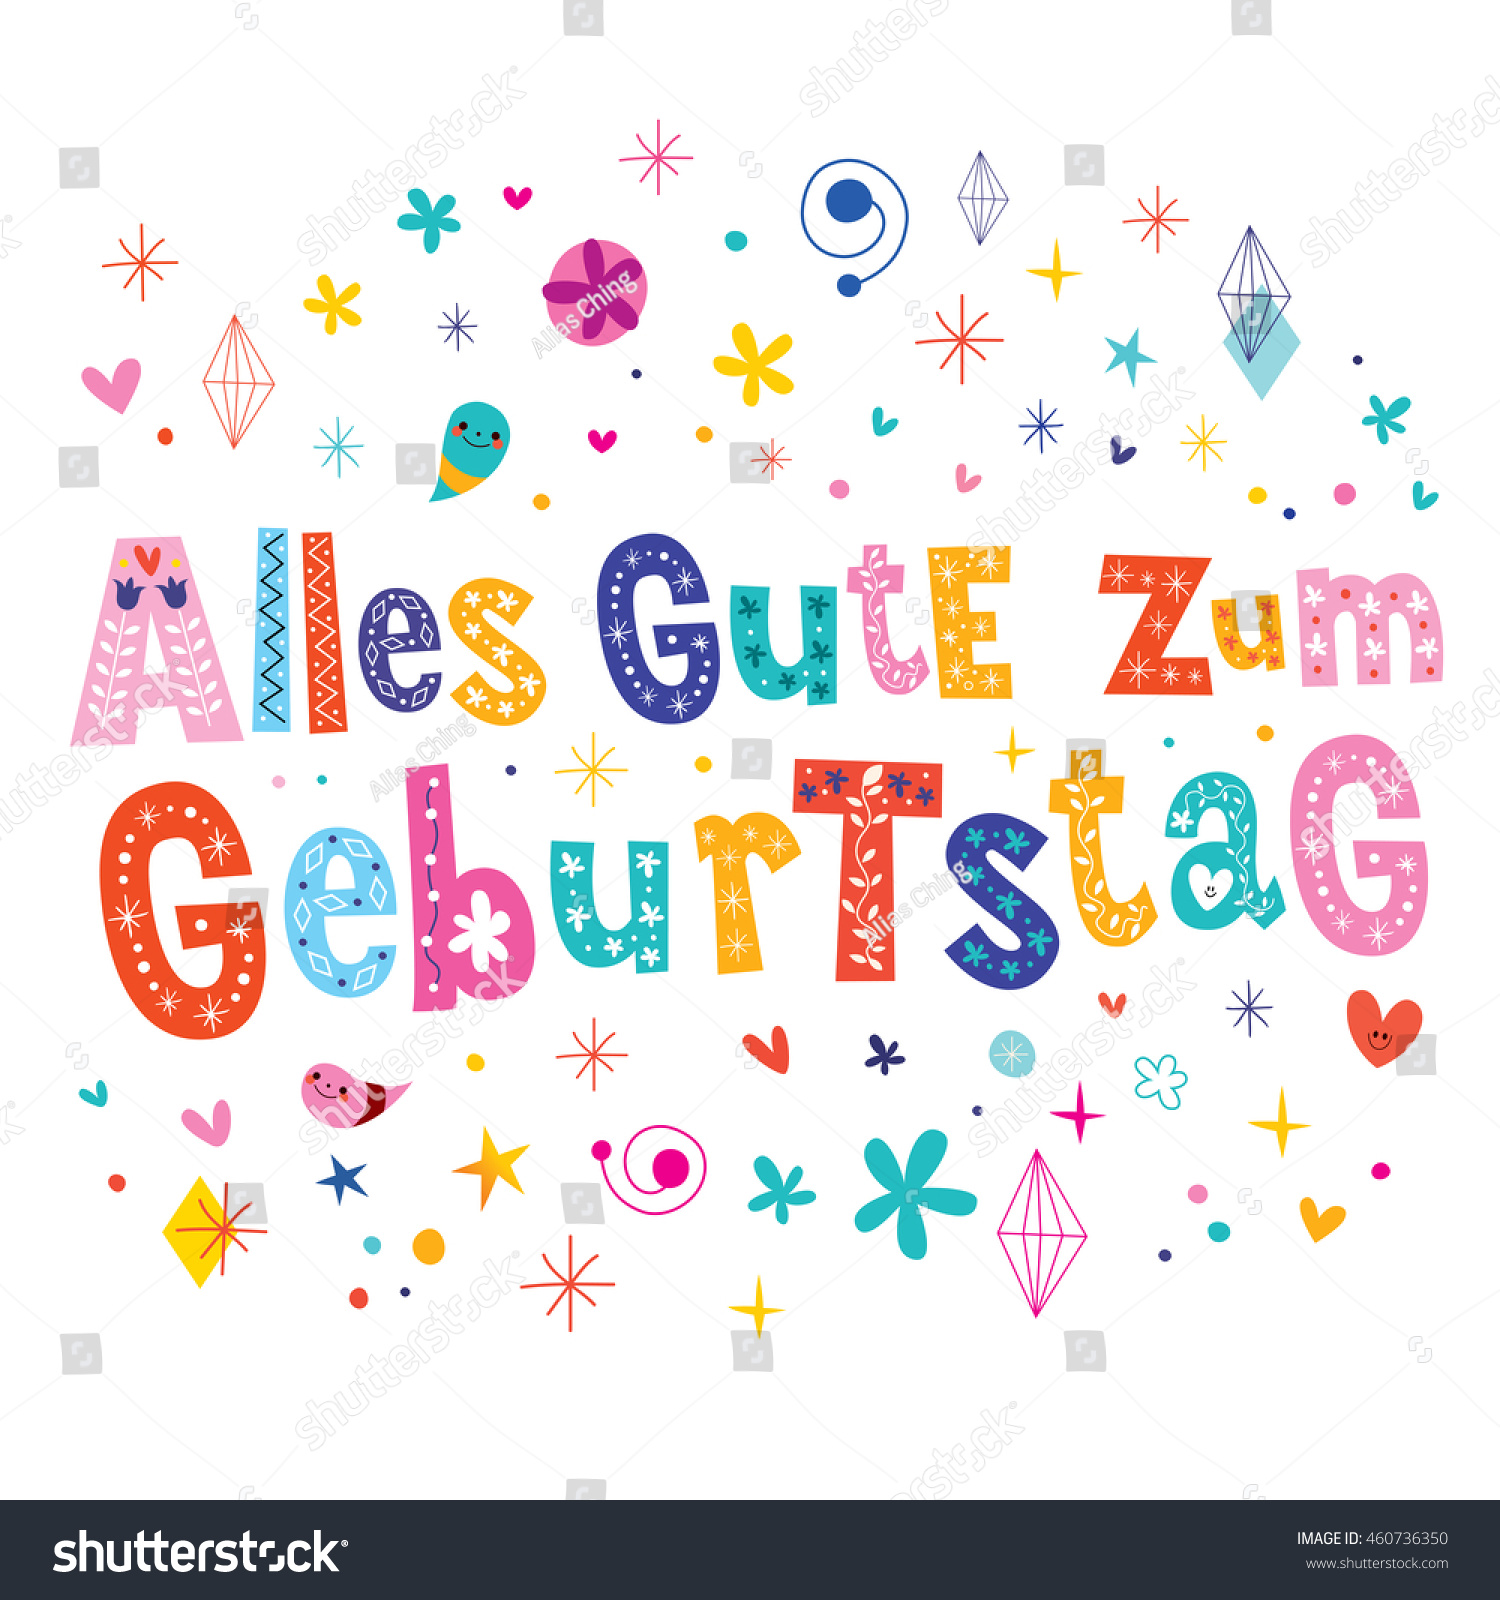 Alles Gute Zum Geburtstag Deutsch German Vector 460736350 – Birthday Card in German